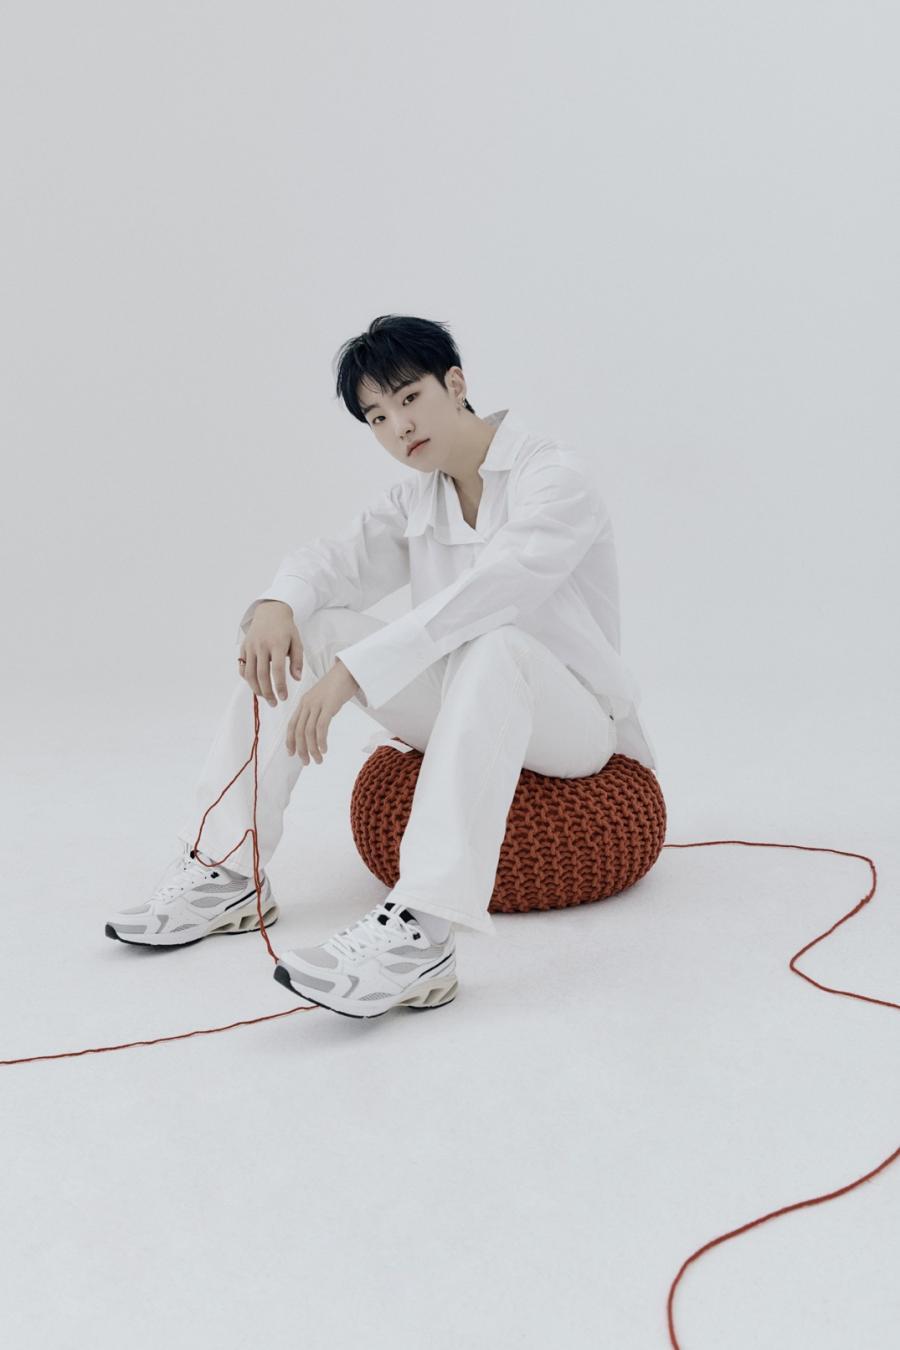 Hoshi - Kwon Soon Young - Seventeen